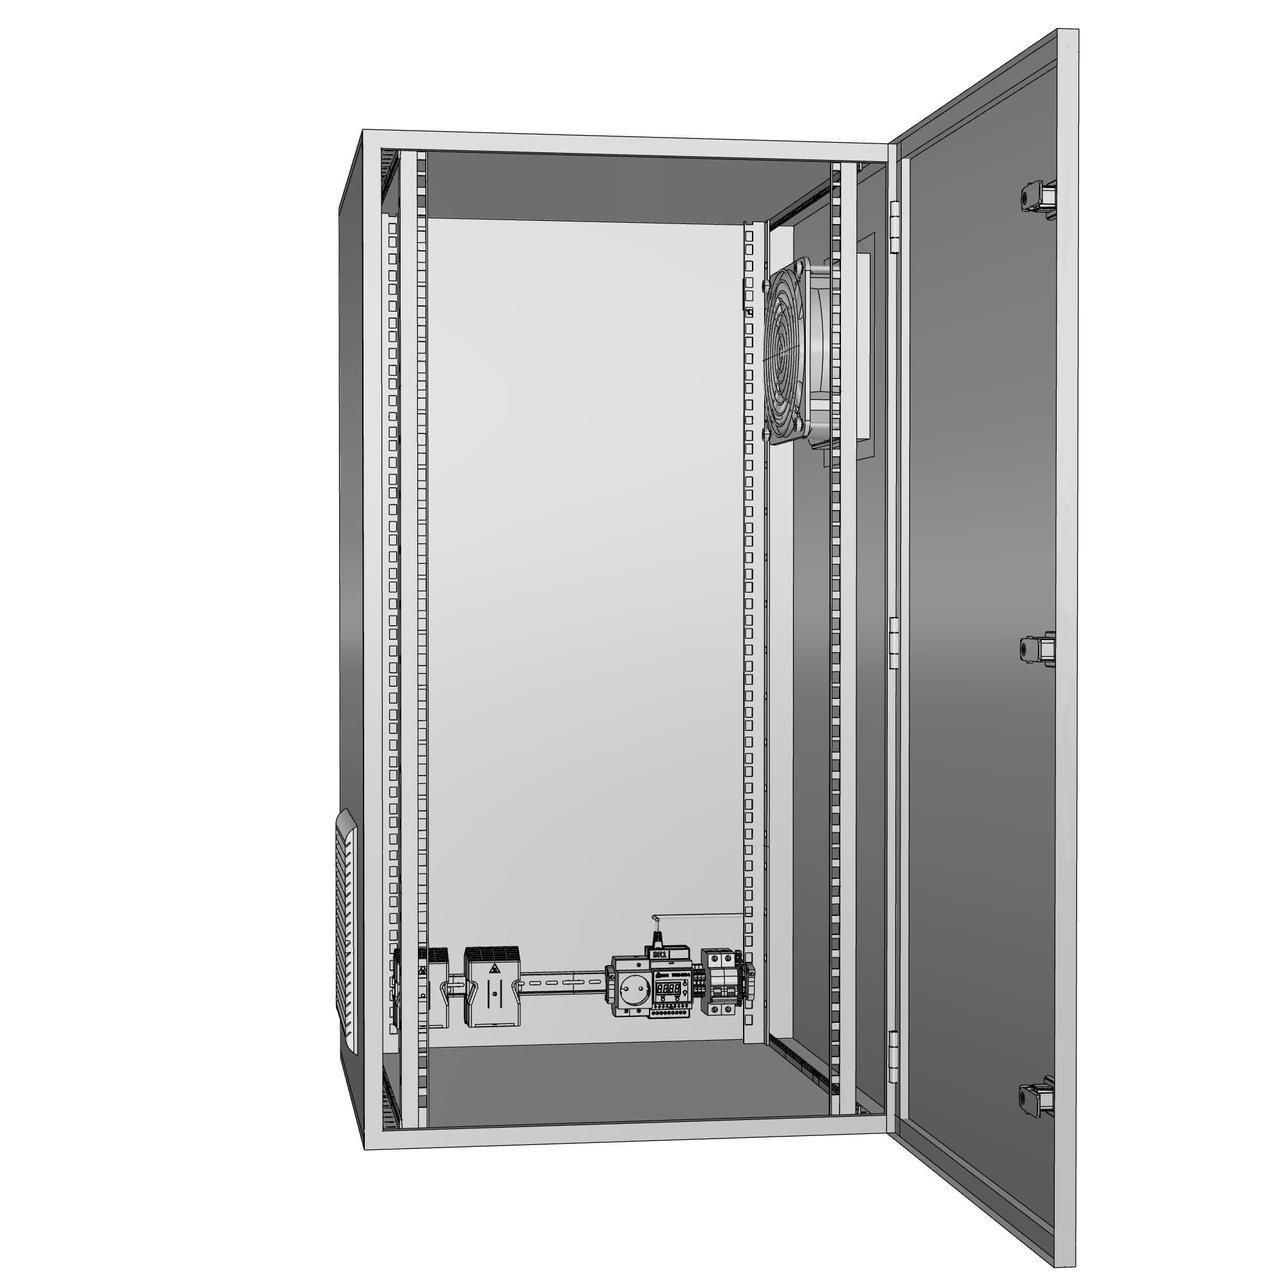 Щит климатический утеплённый с обогревом ЩКу- О- 01- 400×300×150 (В×Ш×Г) IP65